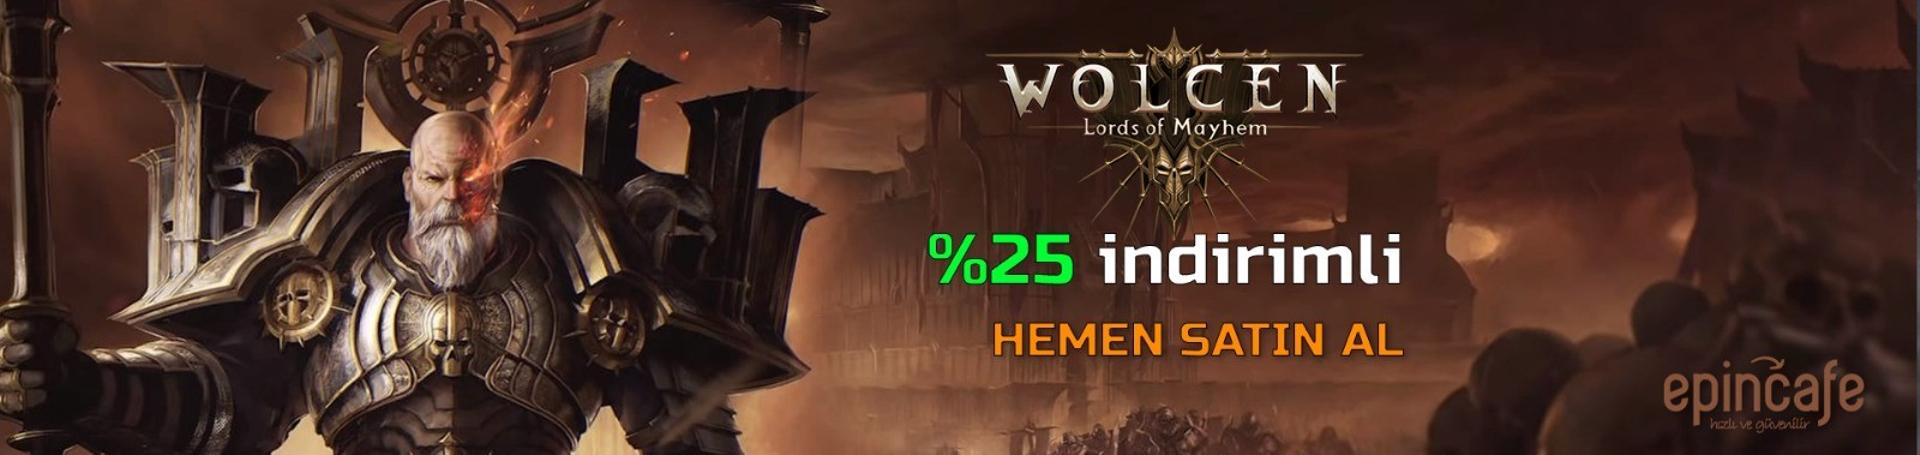 Wolcen Lords of Mayhem  indirimli satın al